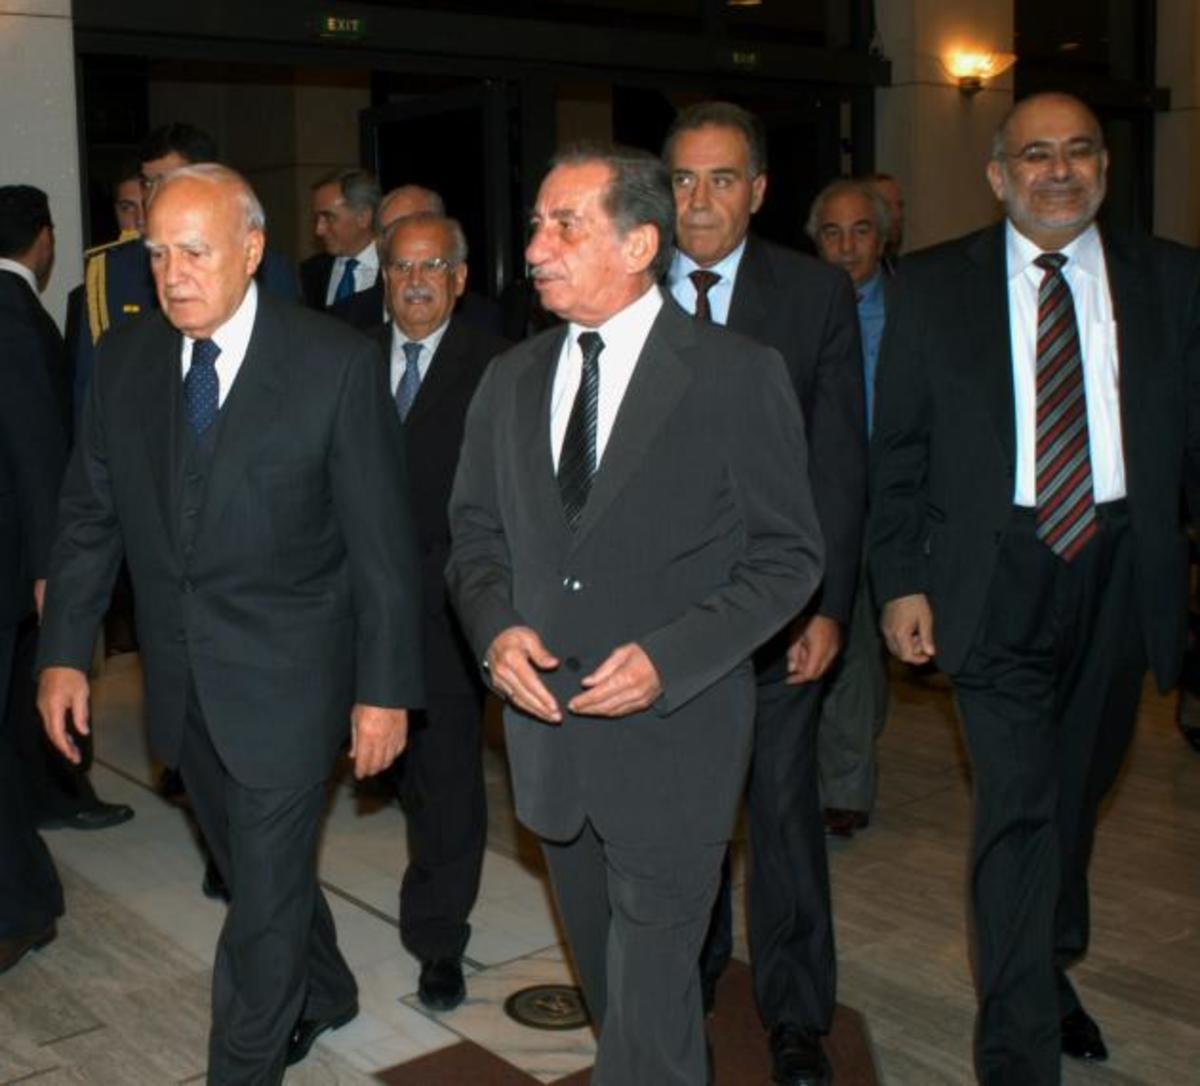 ΒΙΝΤΕΟ: Τ. Παπαδόπουλος,»έφυγε» σαν σήμερα αλλά τα λόγια του είναι πιο επίκαιρα από ποτέ | Newsit.gr